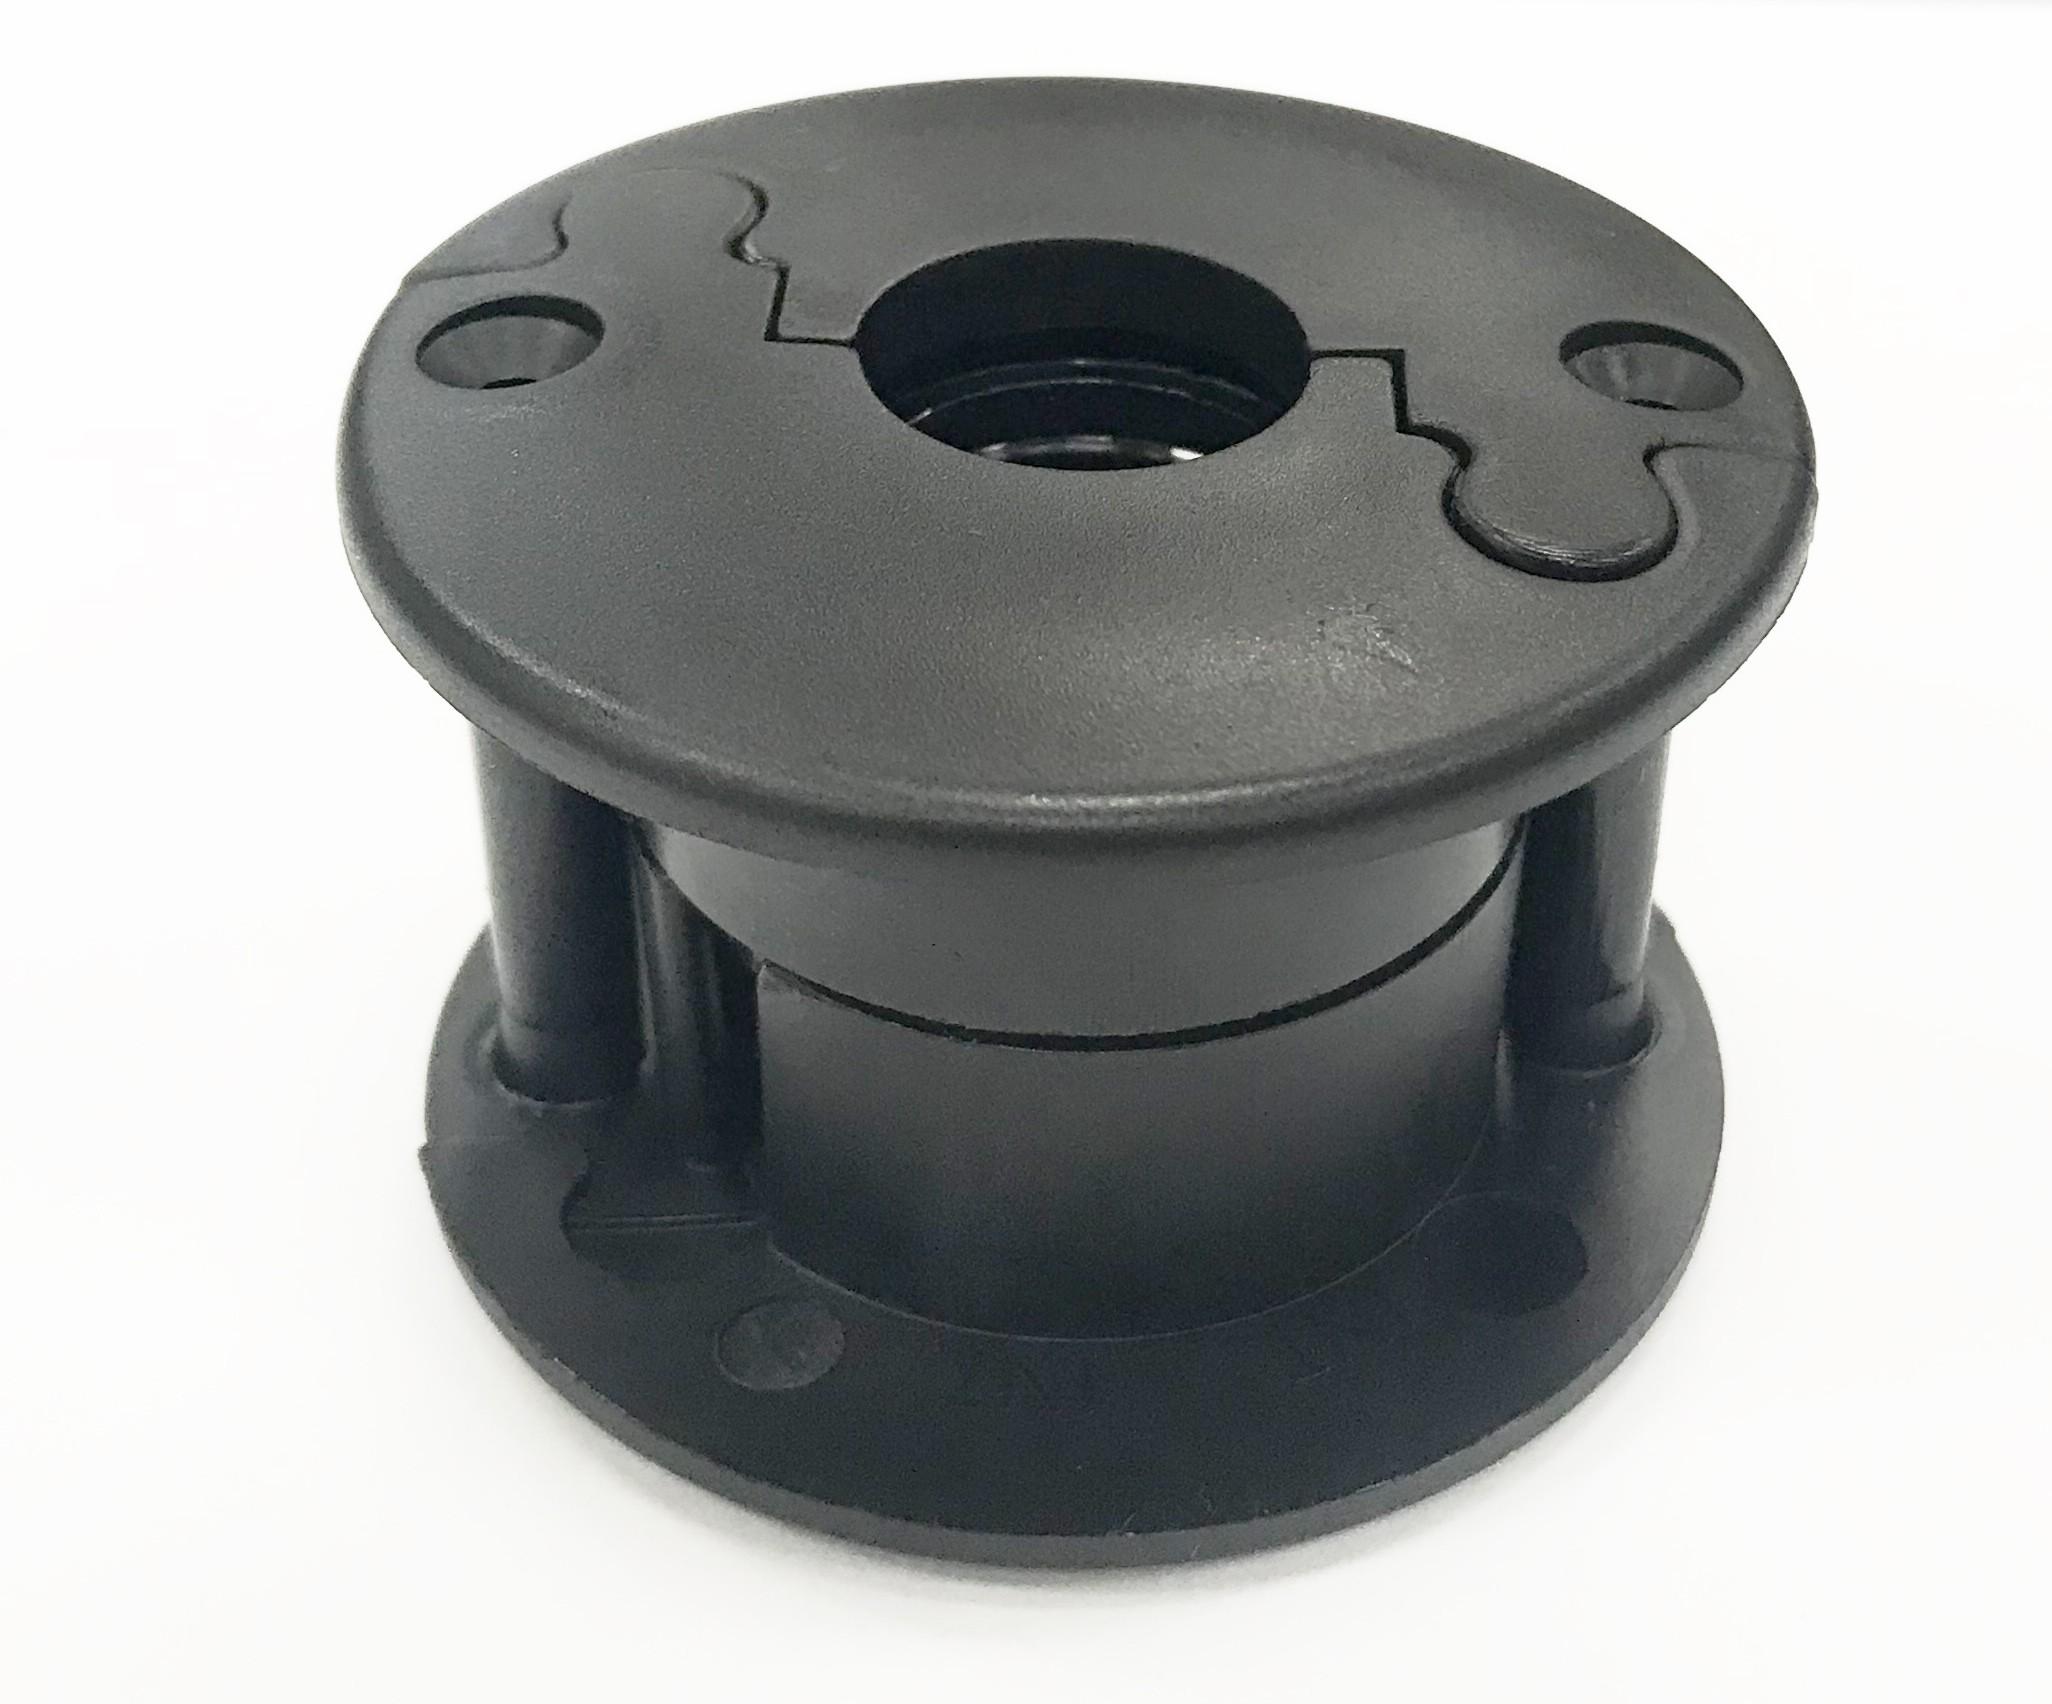 Boîtier passante Garlando 25mm